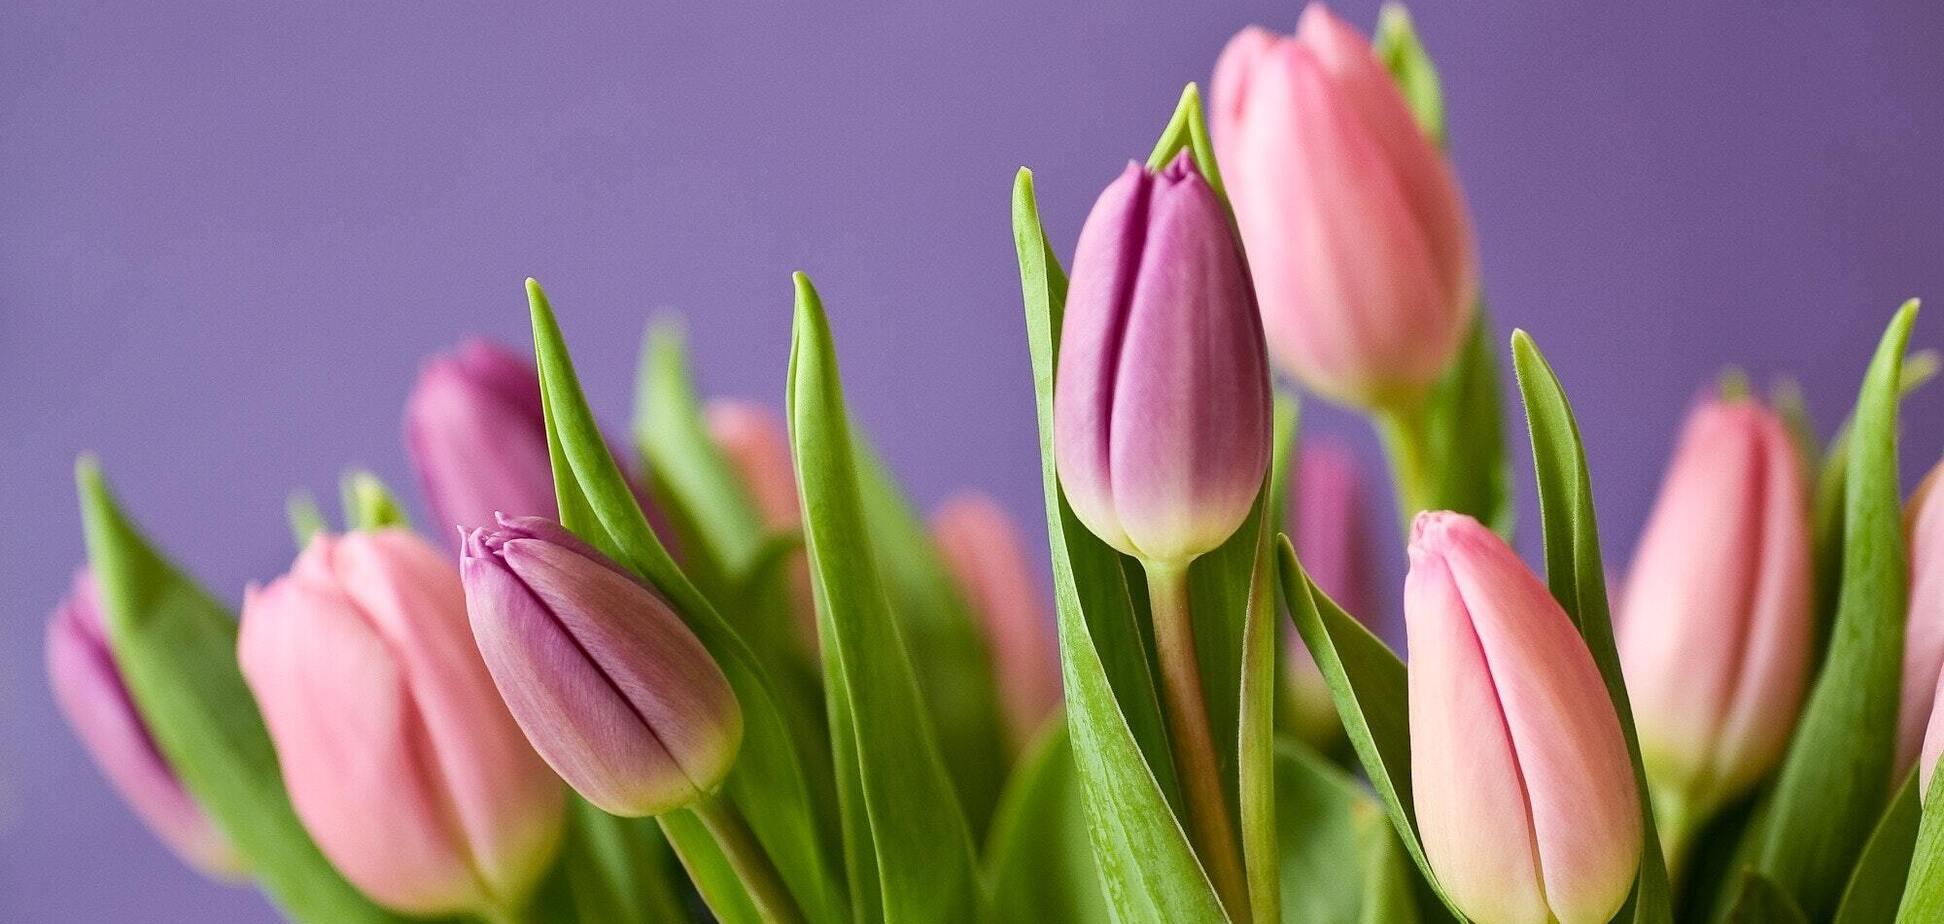 8 березня: що не можна робити, свята і прикмети